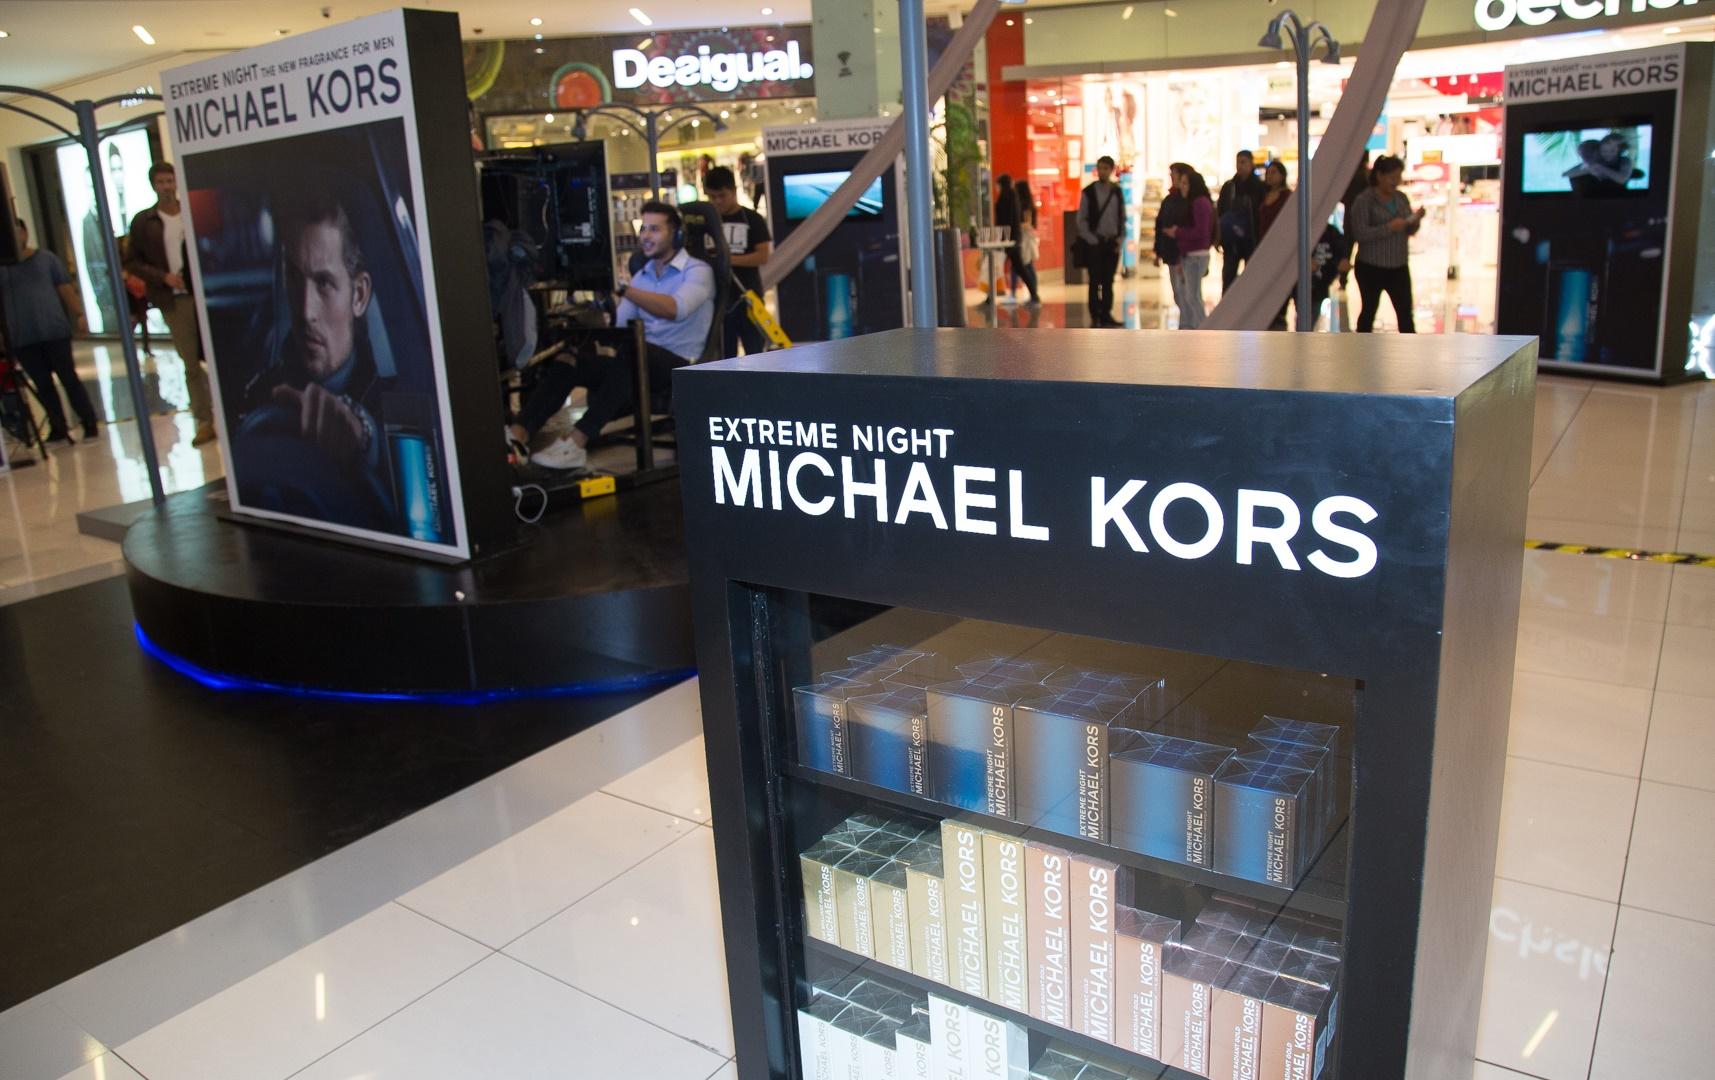 322 - Michael Kors lanza nuevo perfume para el mercado peruano